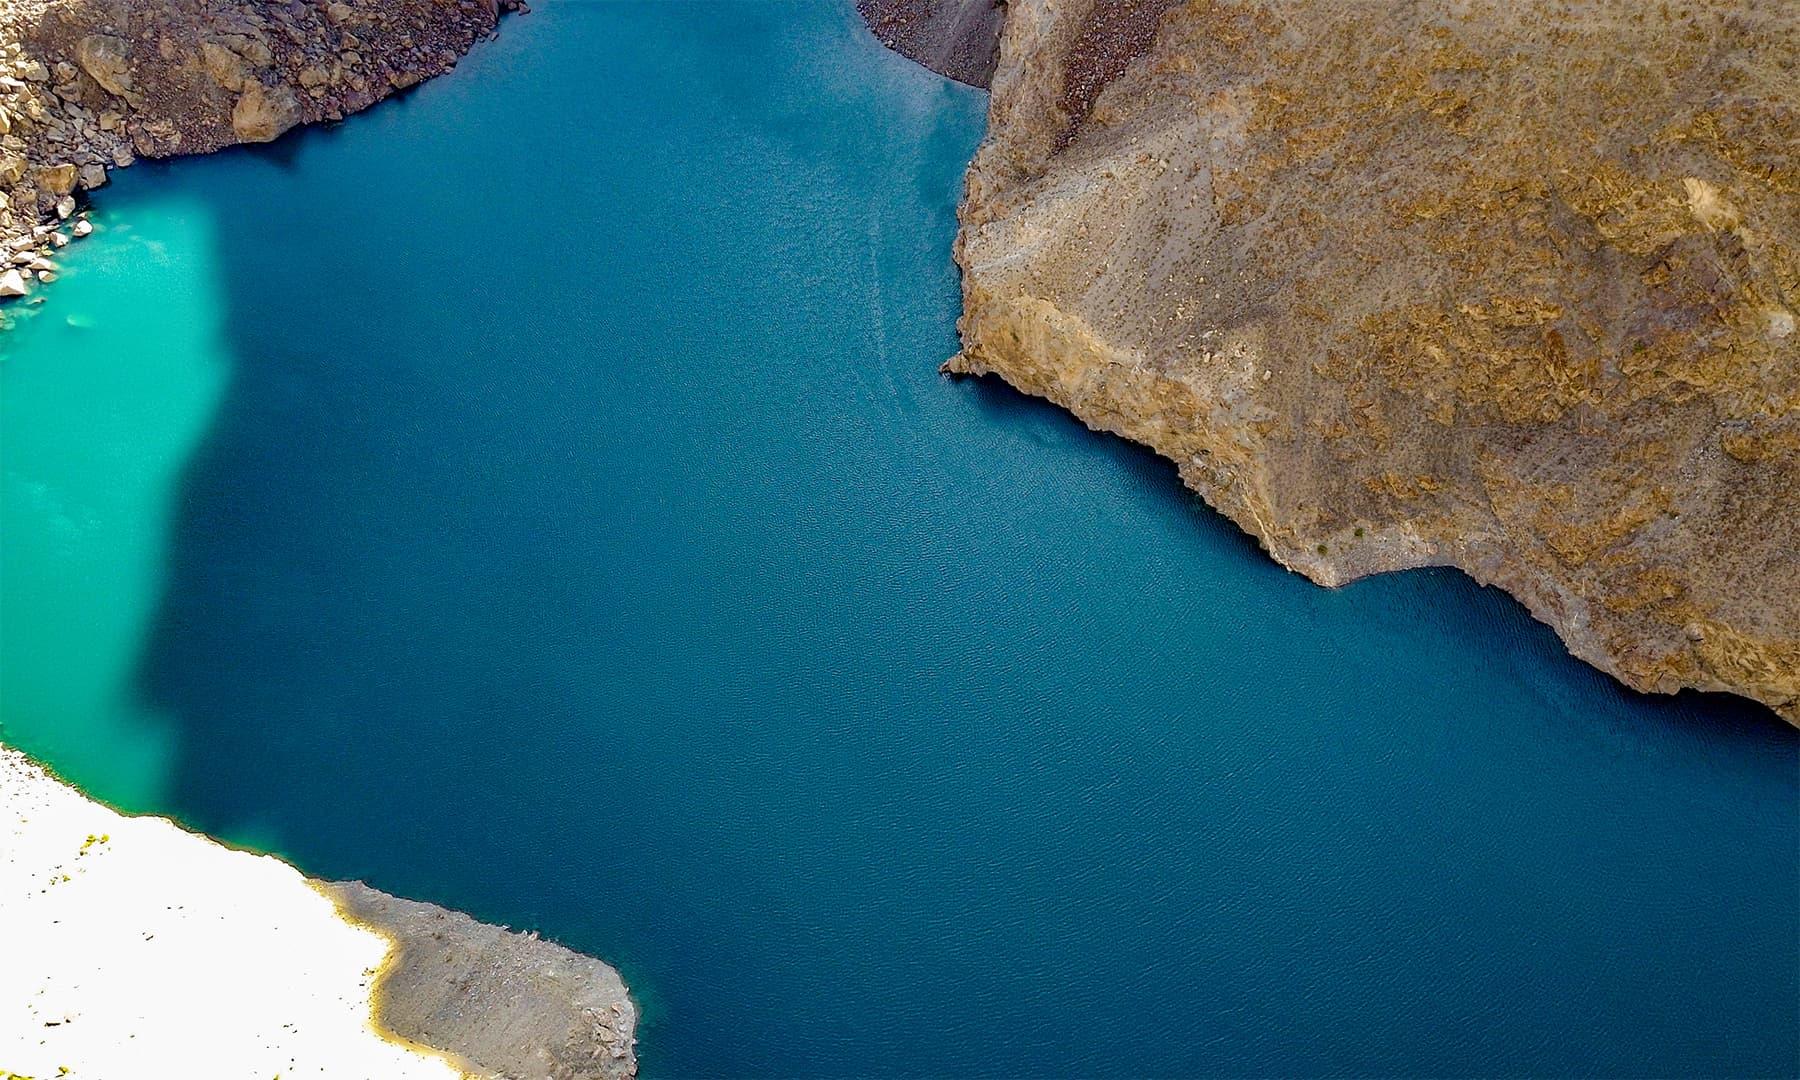 جھیل کی بلندی 9 ہزار 200 فٹ ہے